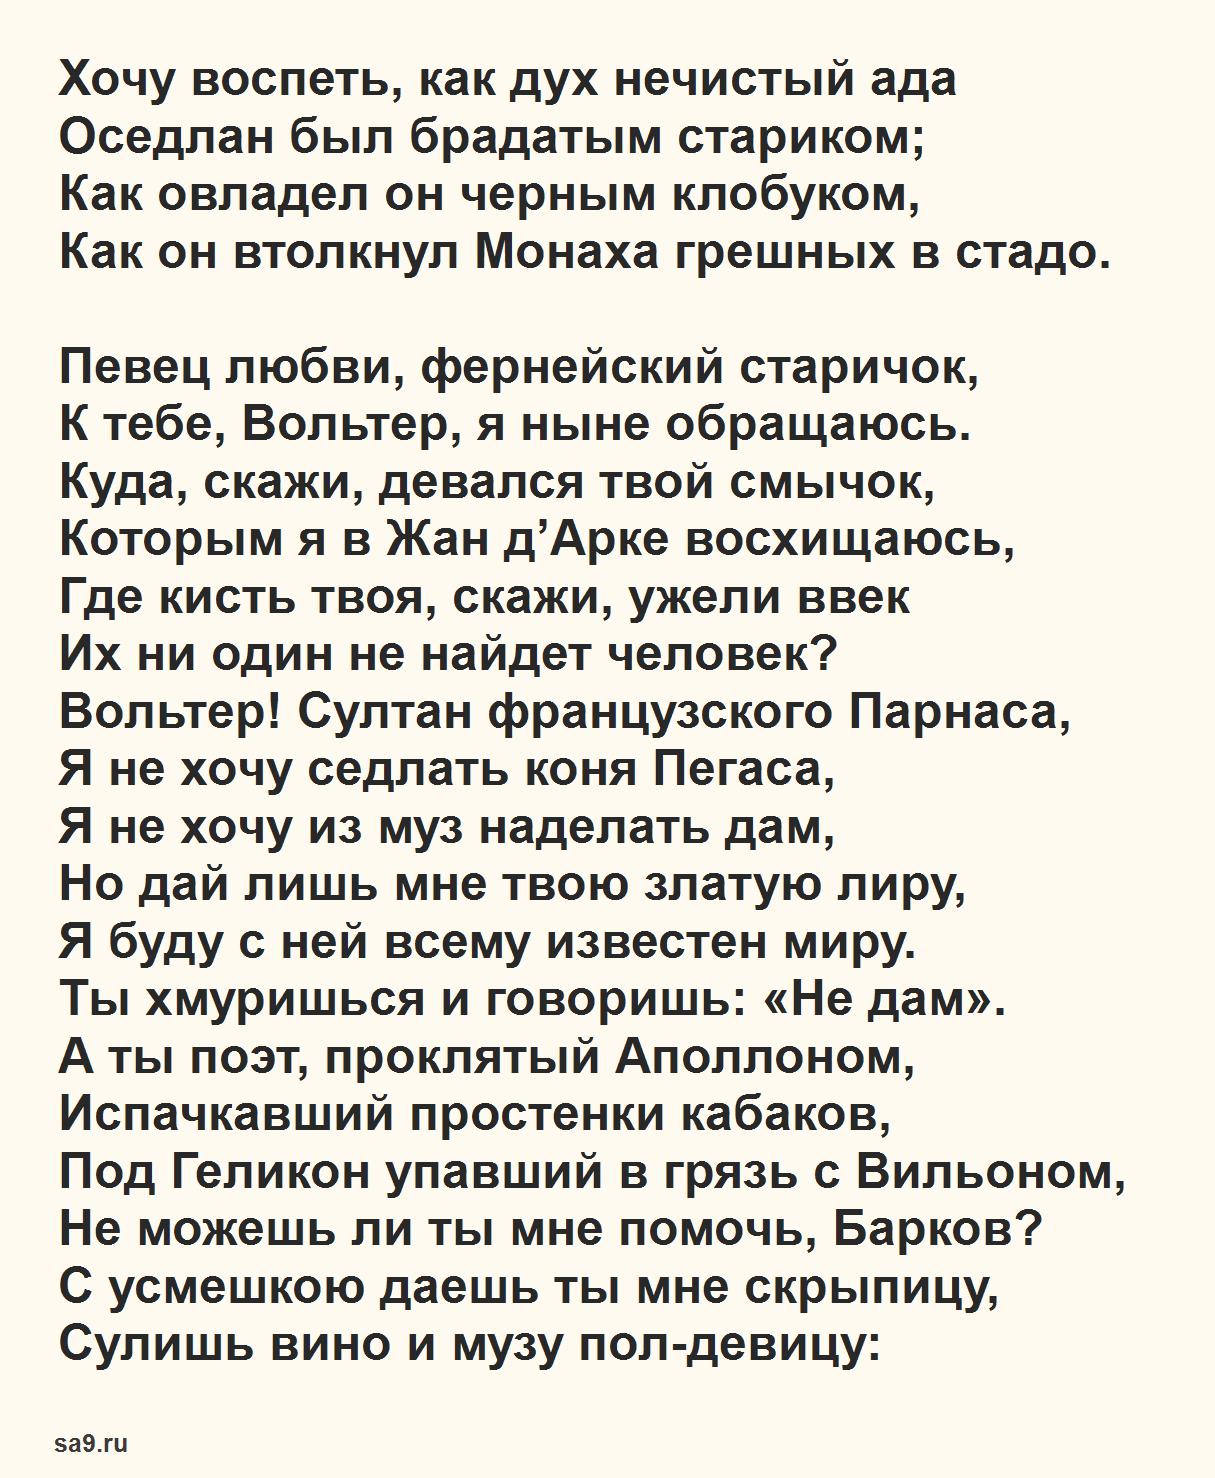 Первые стихи Пушкина - Монах (отрывок)